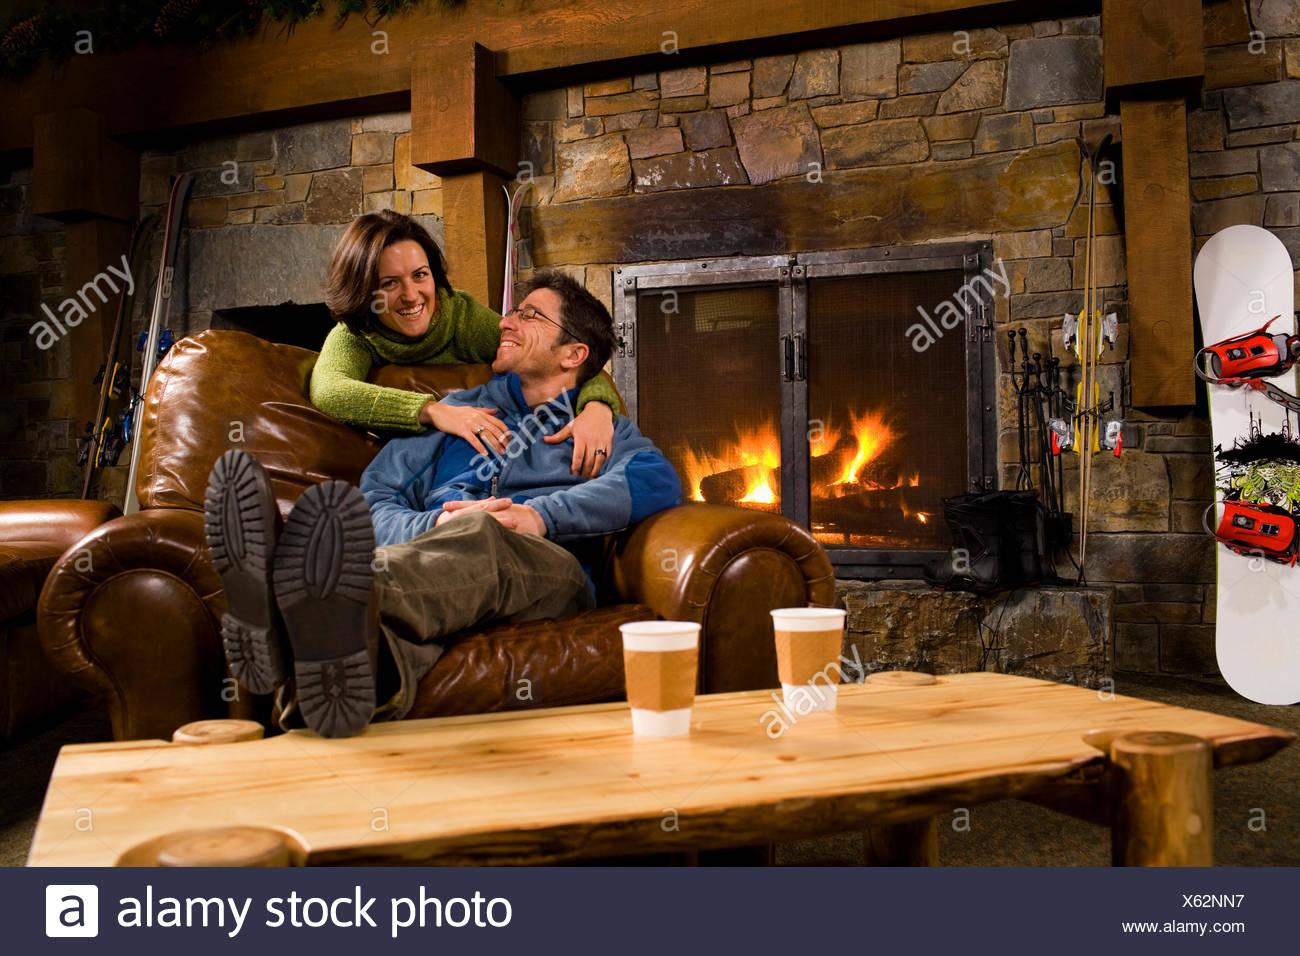 Usa montana whitefish man and woman hanging out in front of usa montana whitefish man and woman hanging out in front of fireplace teraionfo